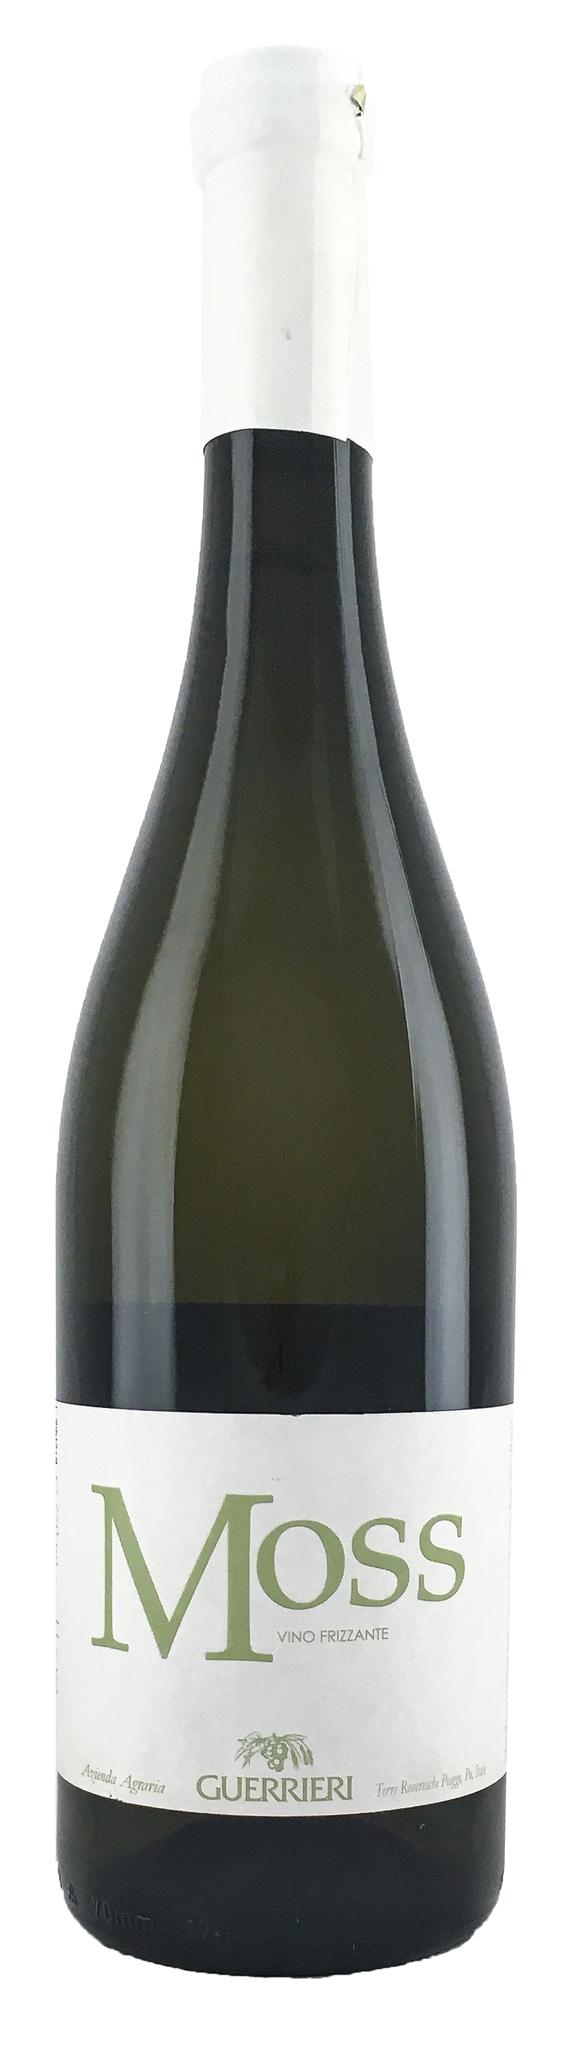 Вино Мосс игристое сухое белое кат. IGT, рег. Марке 0,75л.